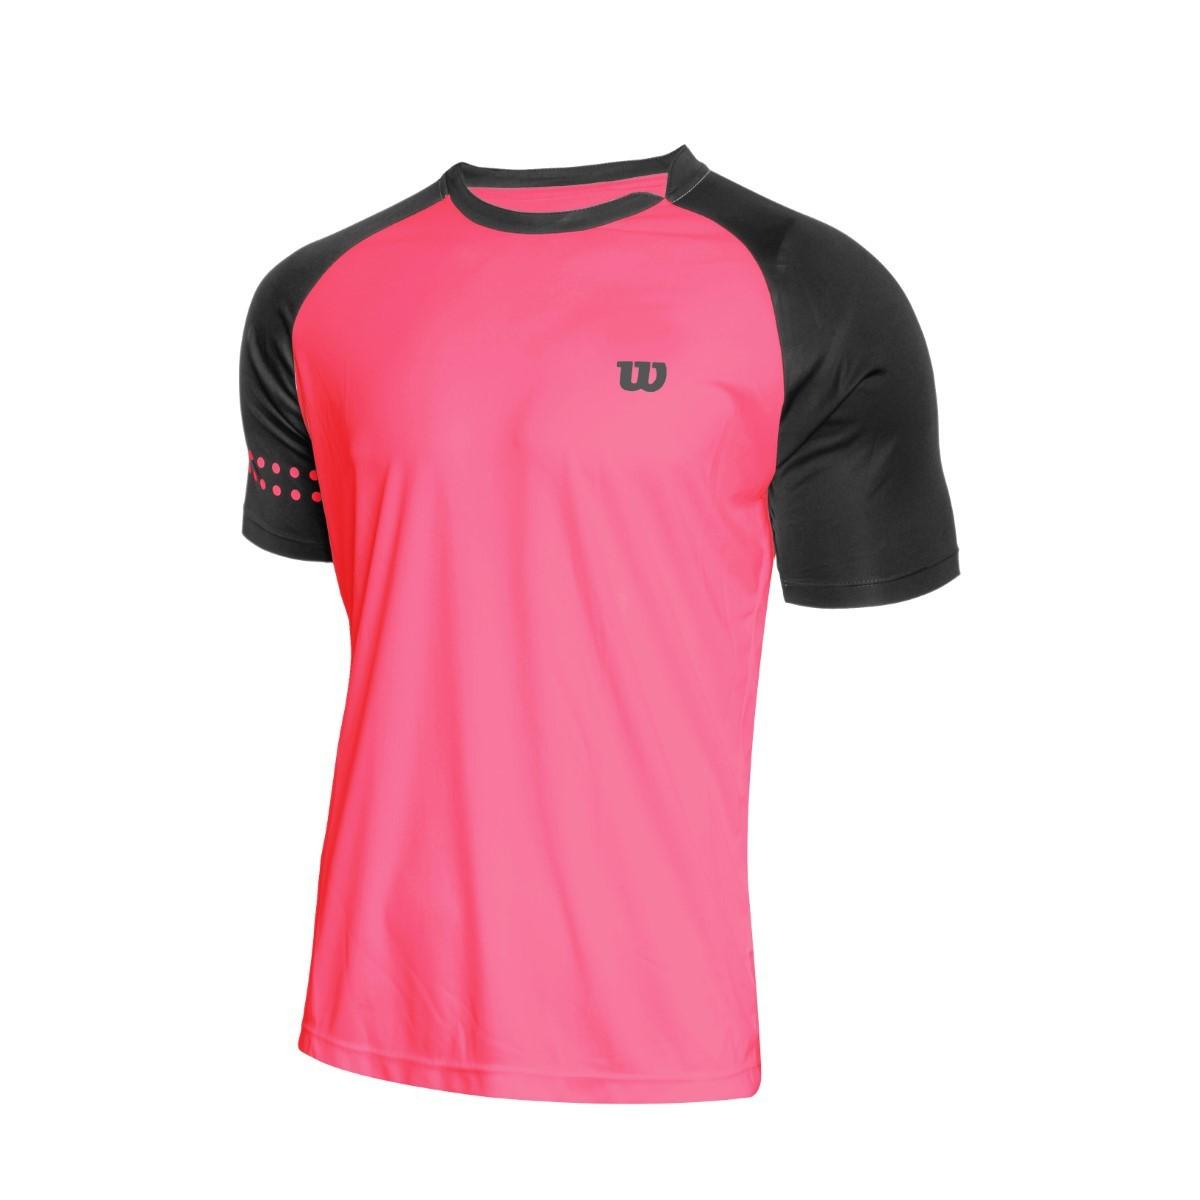 Camiseta Wilson Court Neon Coral